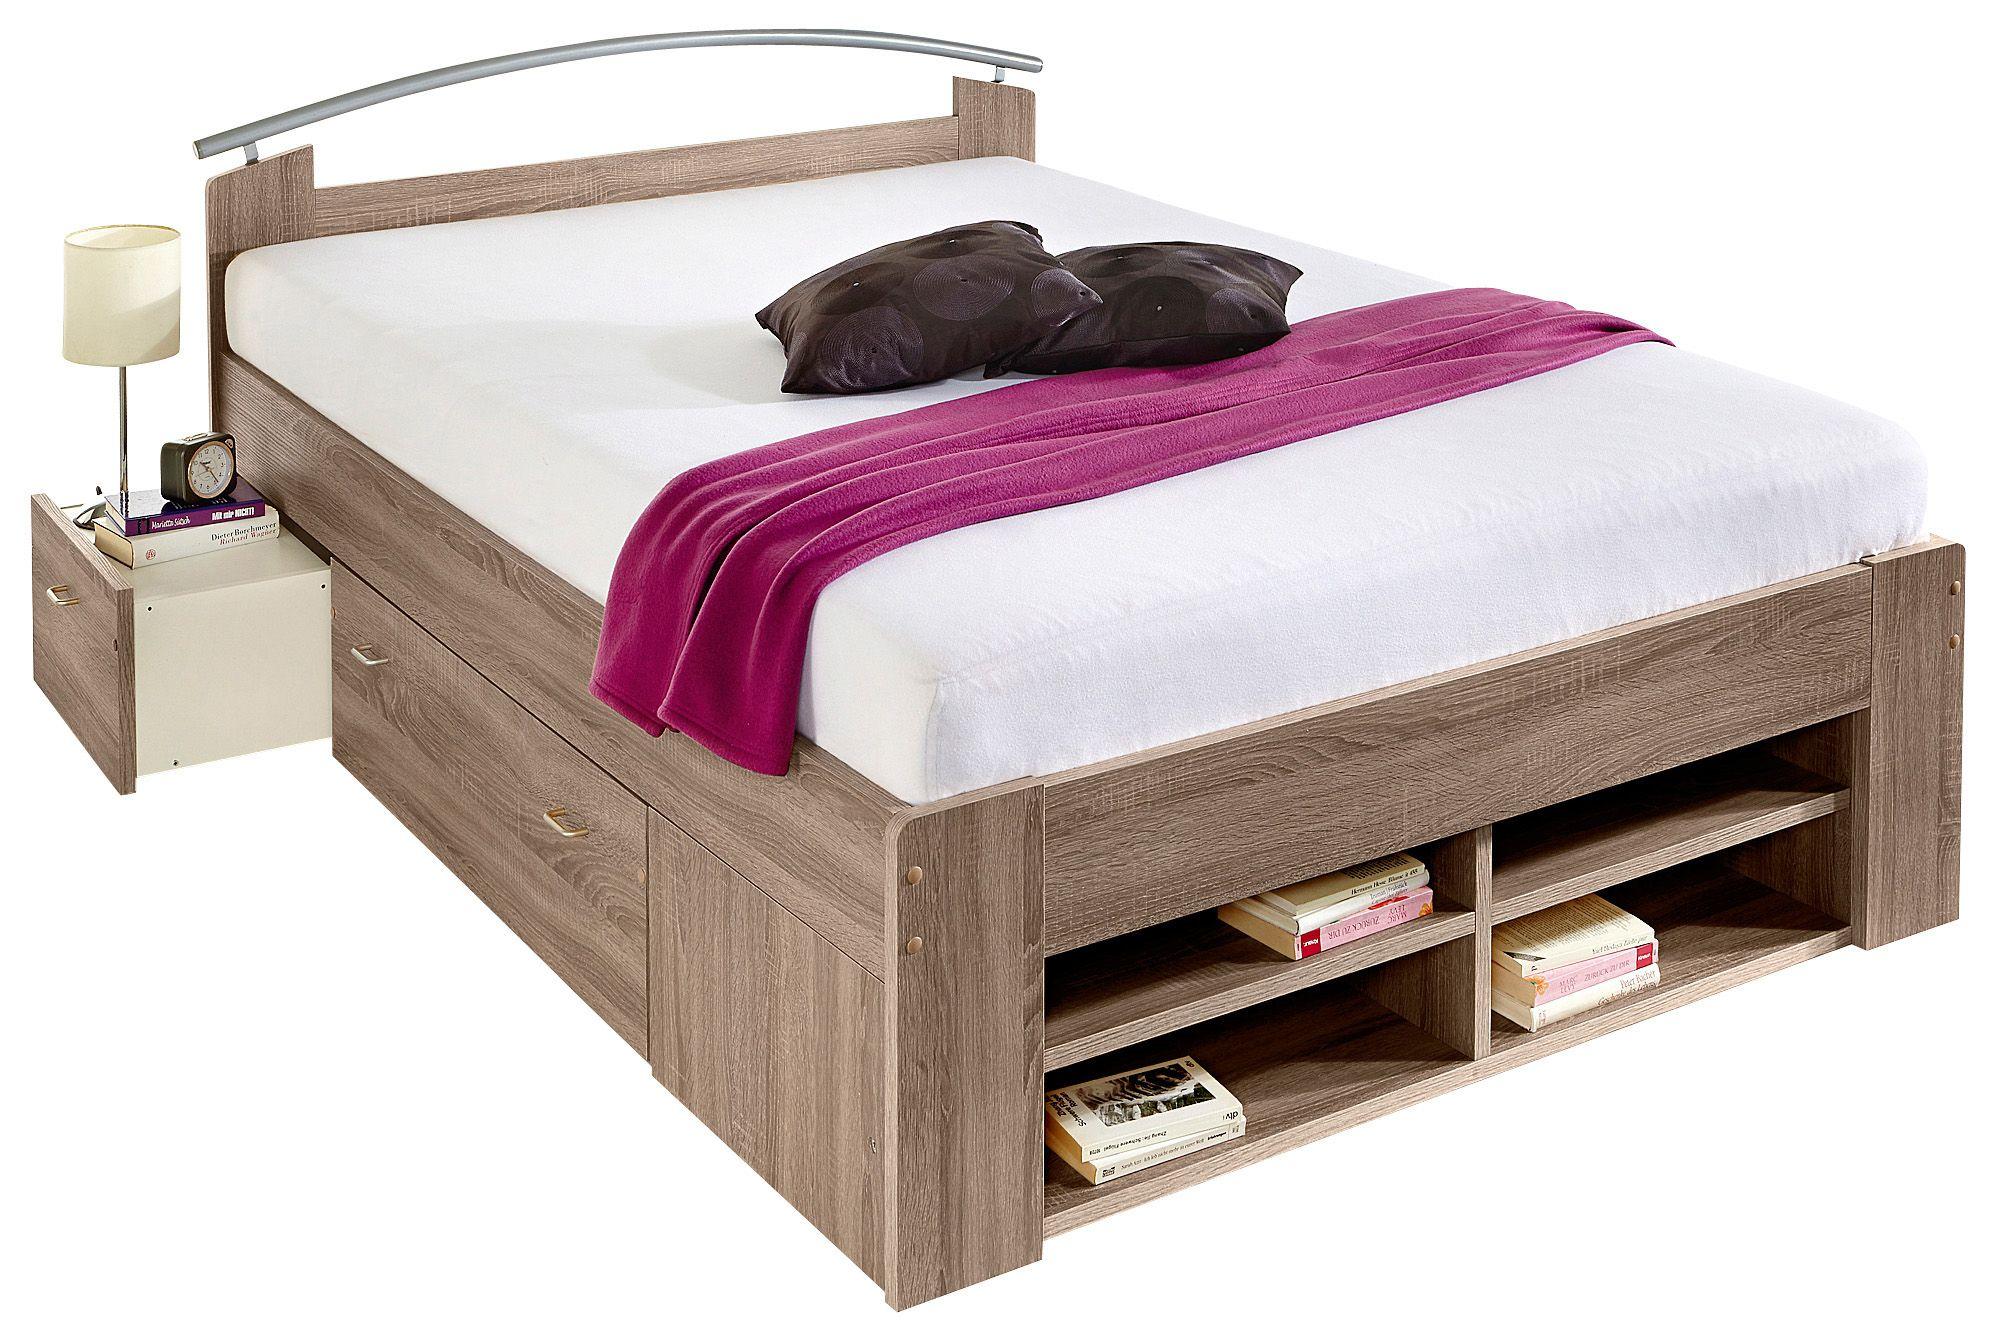 stauraumbetten g nstig online kaufen beim schwab versand. Black Bedroom Furniture Sets. Home Design Ideas